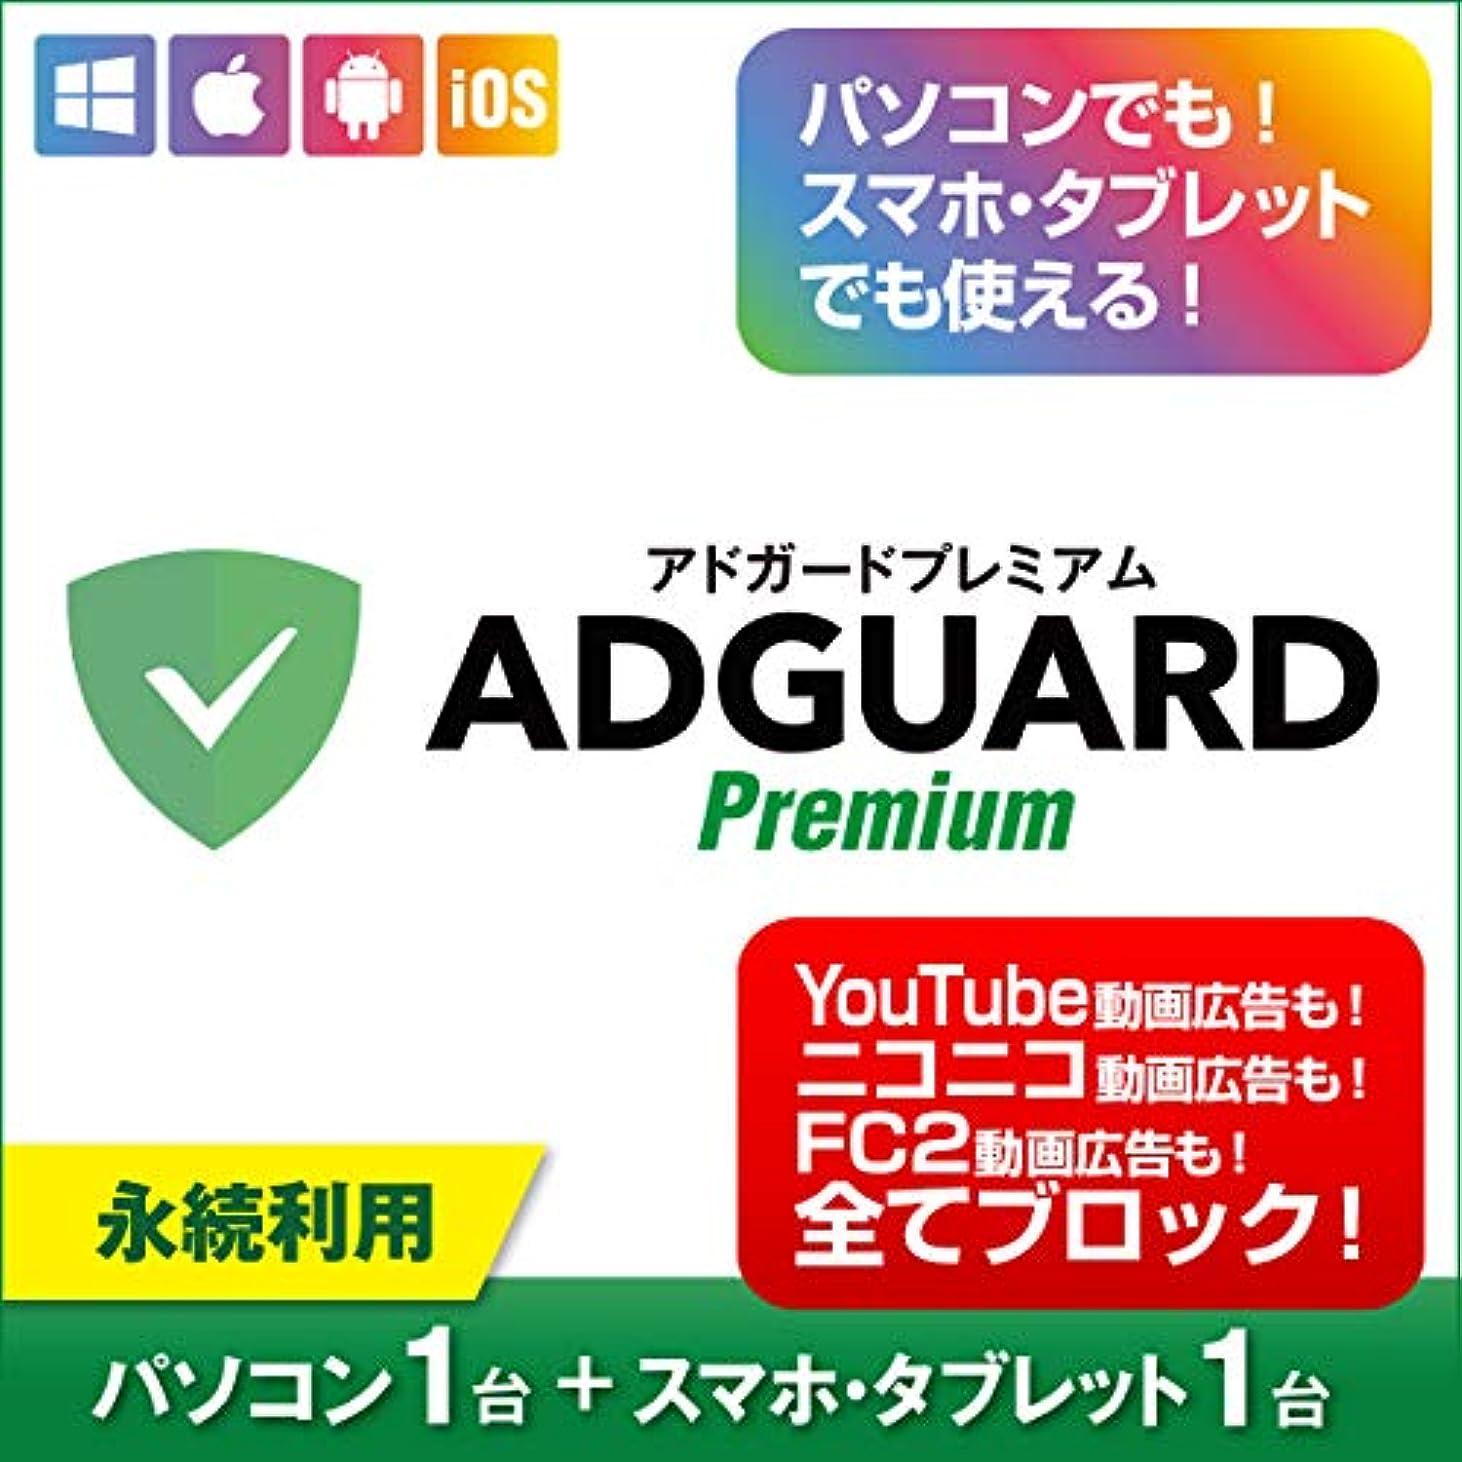 専制盲信可能AdGuard Premium(アドガードプレミアム) パソコン1台+スマホ?タブレット1台|ダウンロード版